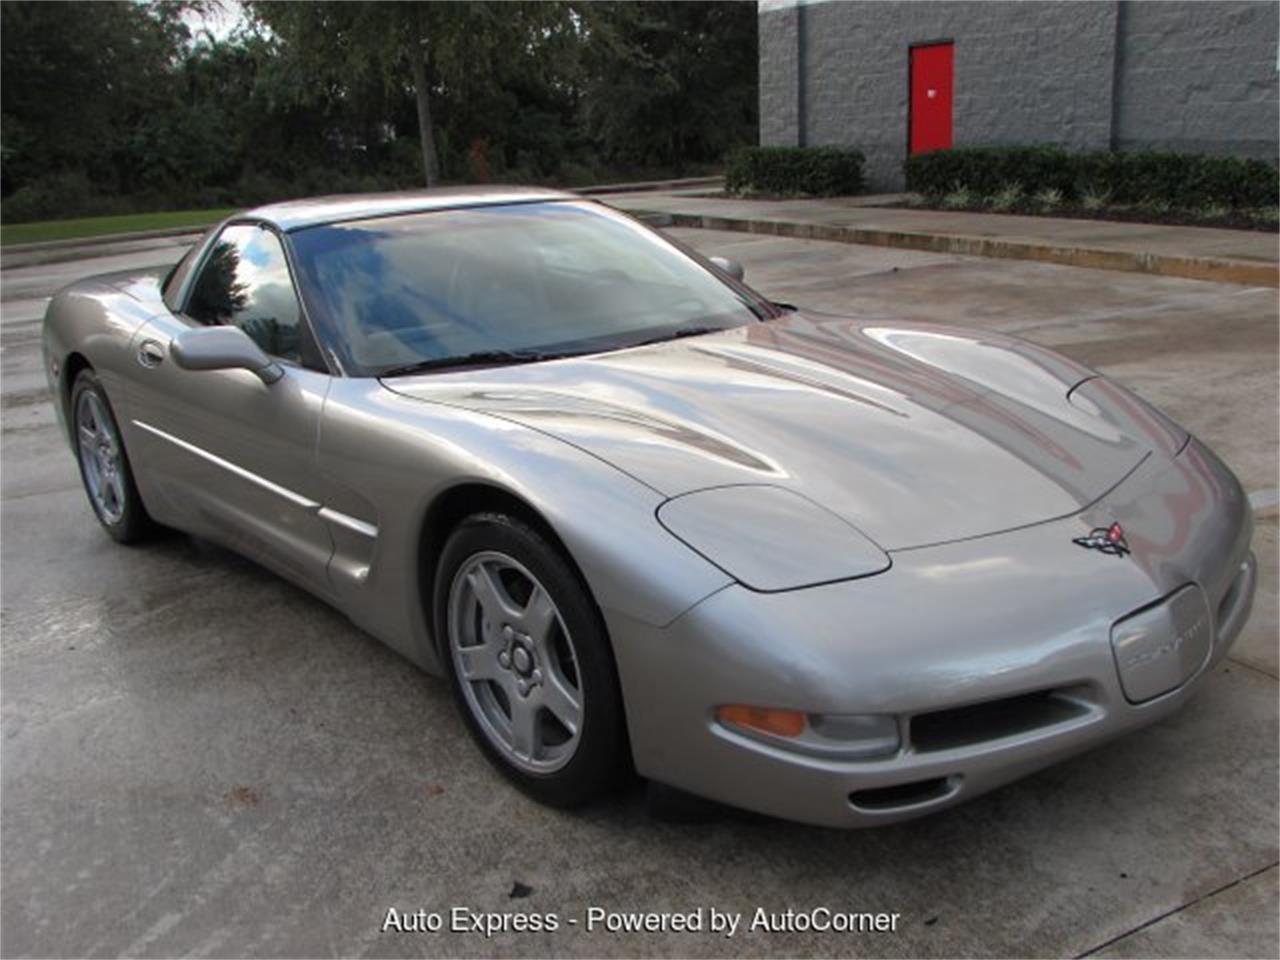 1999 Corvette For Sale >> For Sale 1999 Chevrolet Corvette In Orlando Florida